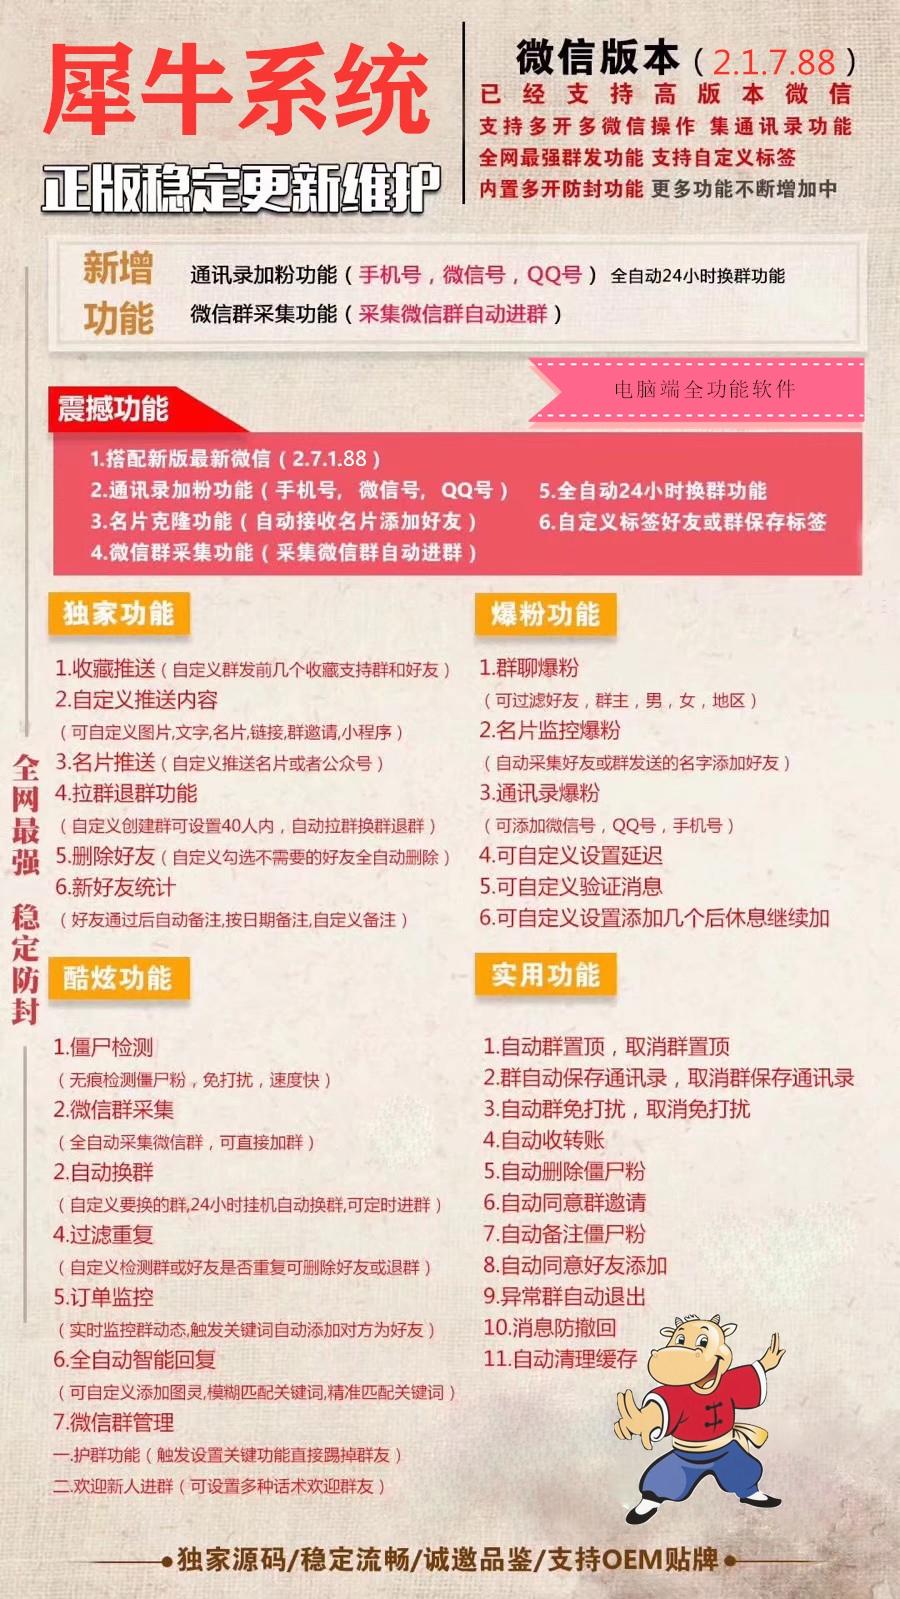 【犀牛系统官网】微信电脑版PC端营销软件多功能正版授权